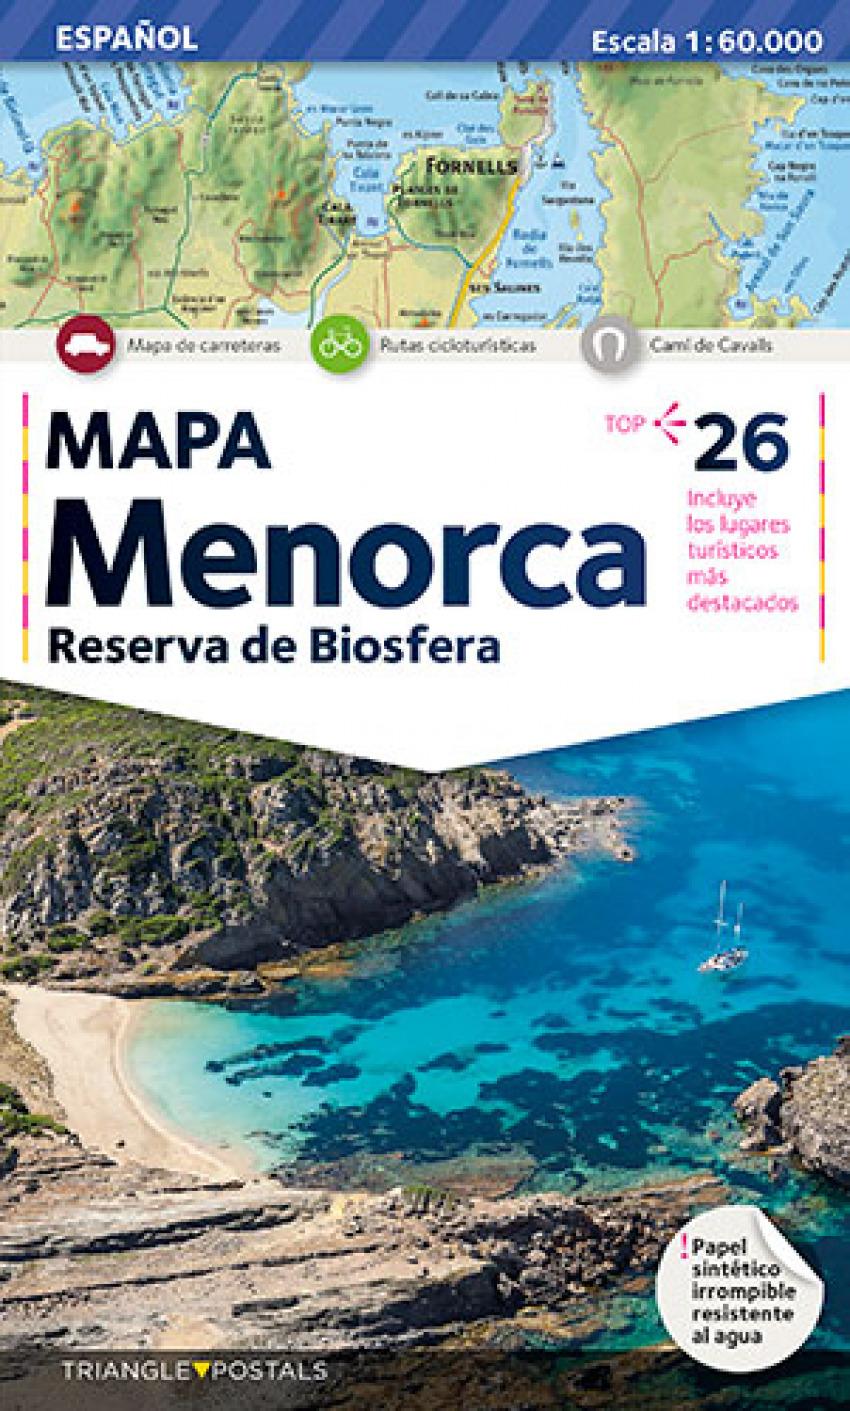 Mapa Menorca 9788484780762